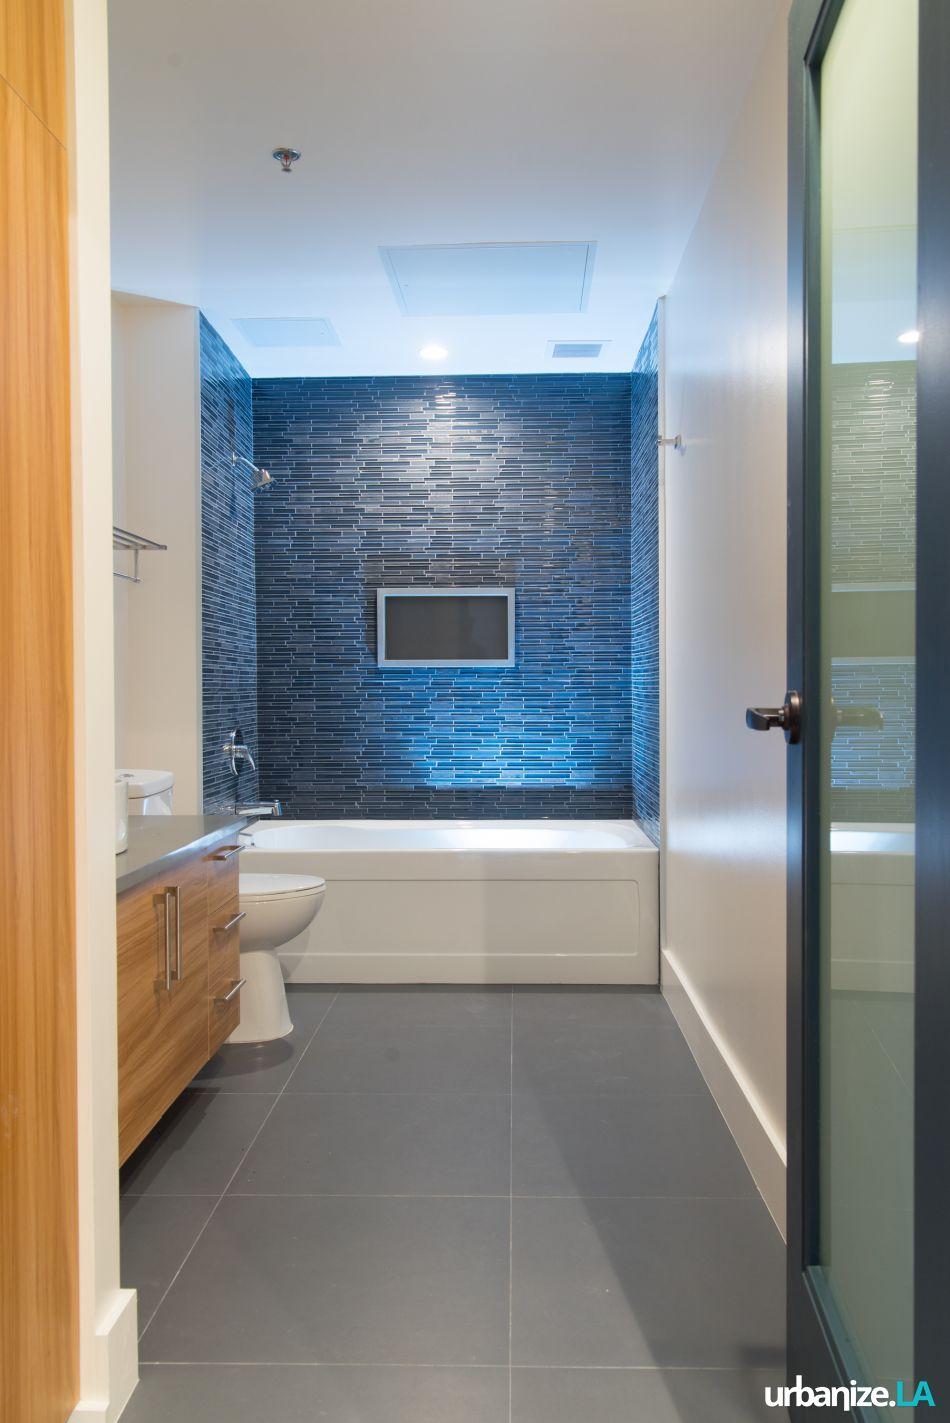 maxfield lofts urban architecture lab